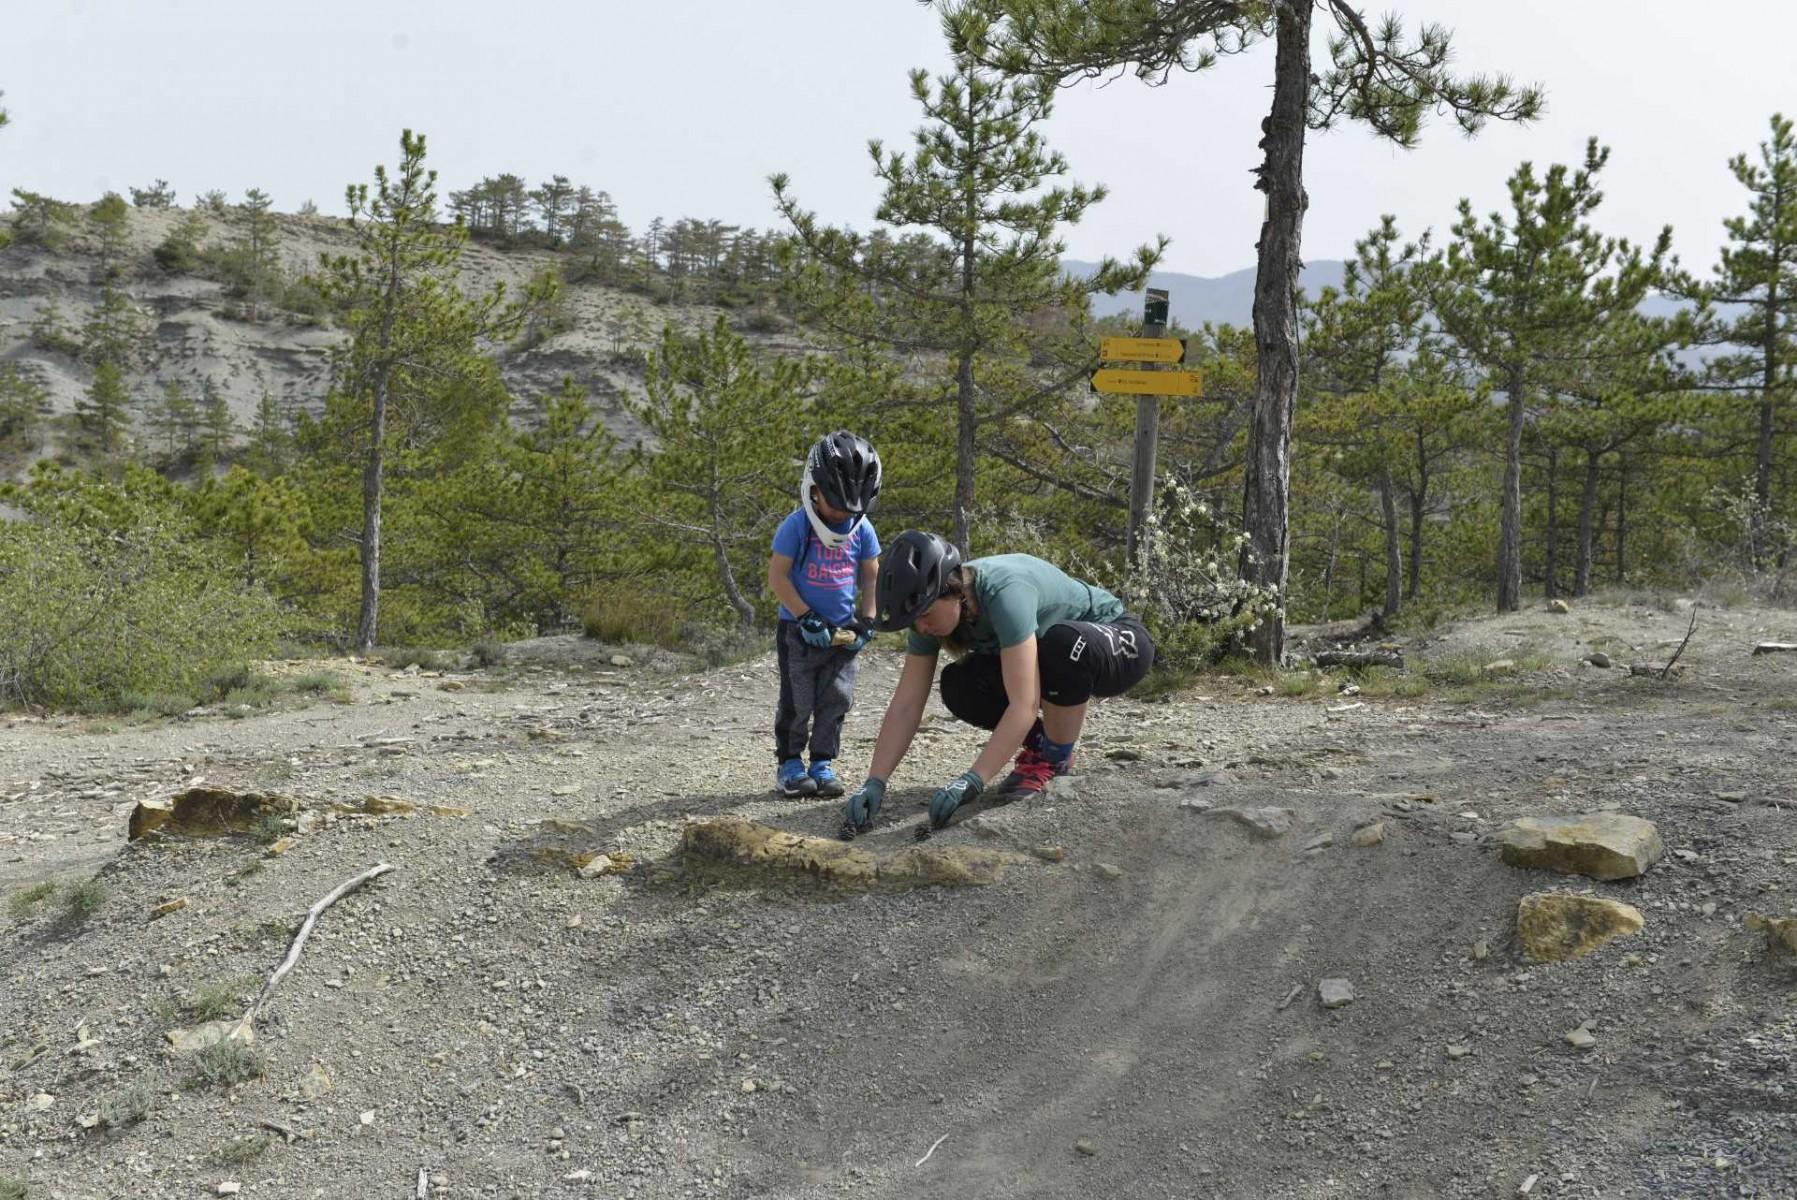 faire du vélo avec son enfant. Maman et enfant apprentissage VTT